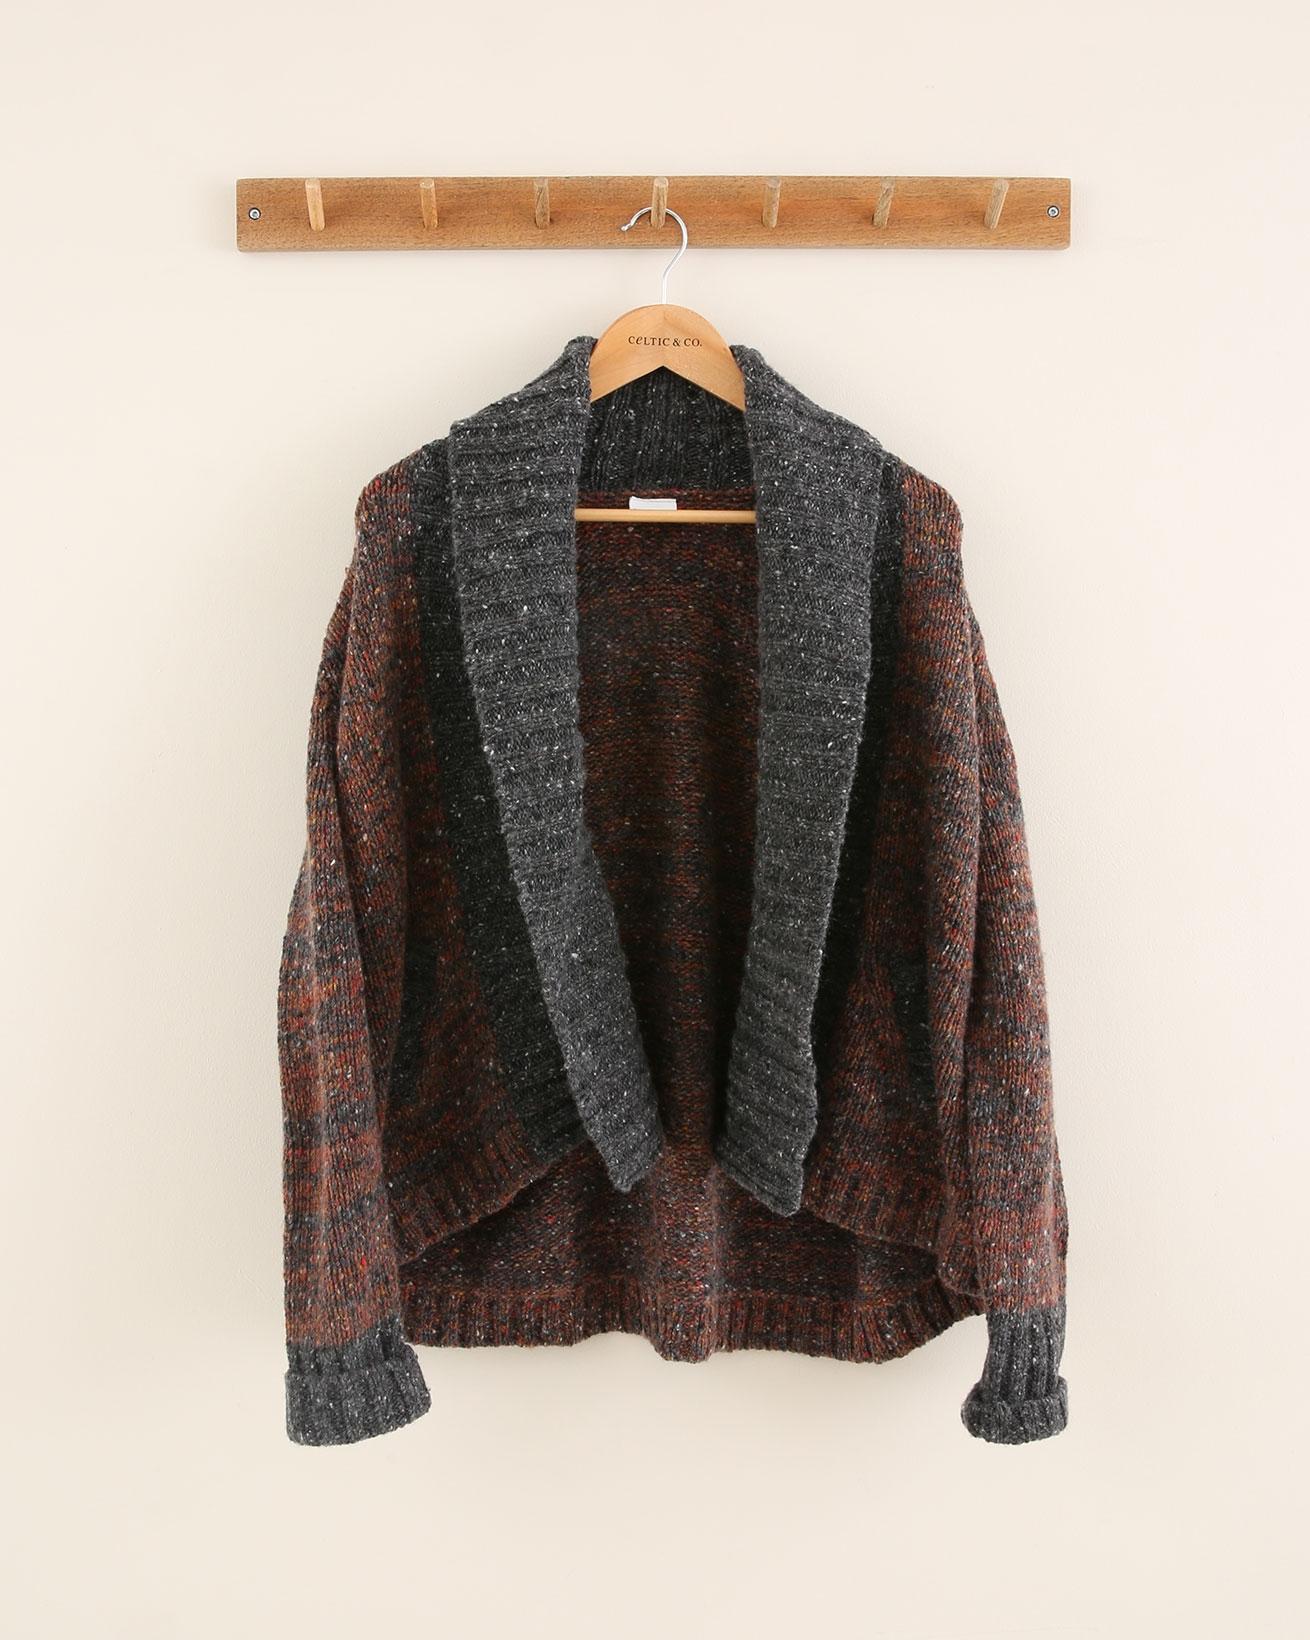 Shawl Collar Cardigan - Size Medium - Rust/Charcoal Mix - 1762